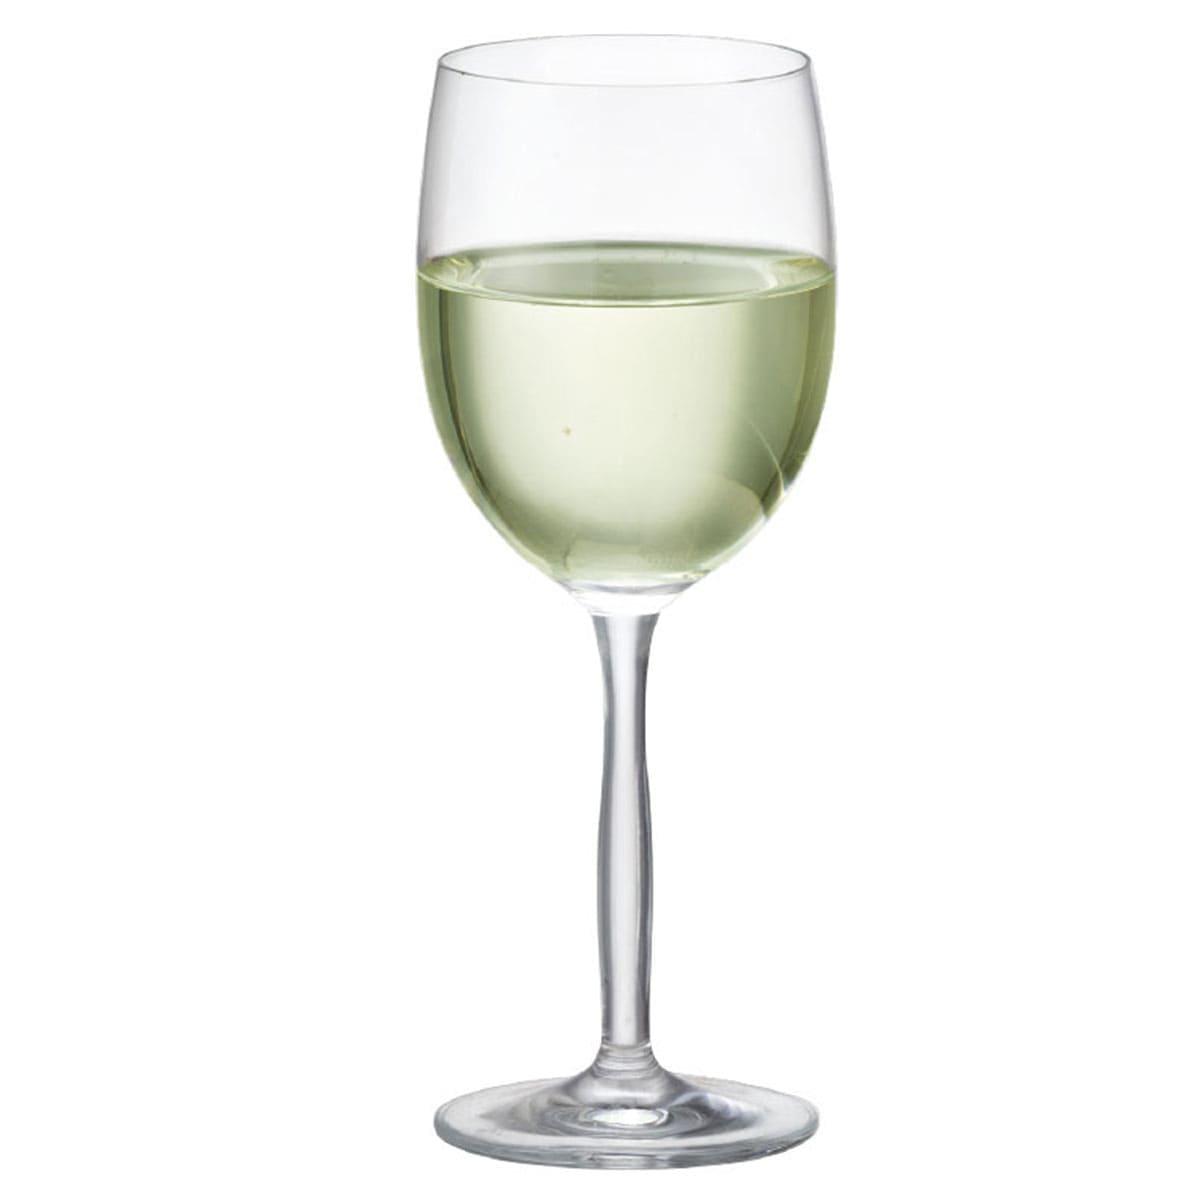 Taça Ritz Vinho Branco 335ml (Caixa com 12 unidades)